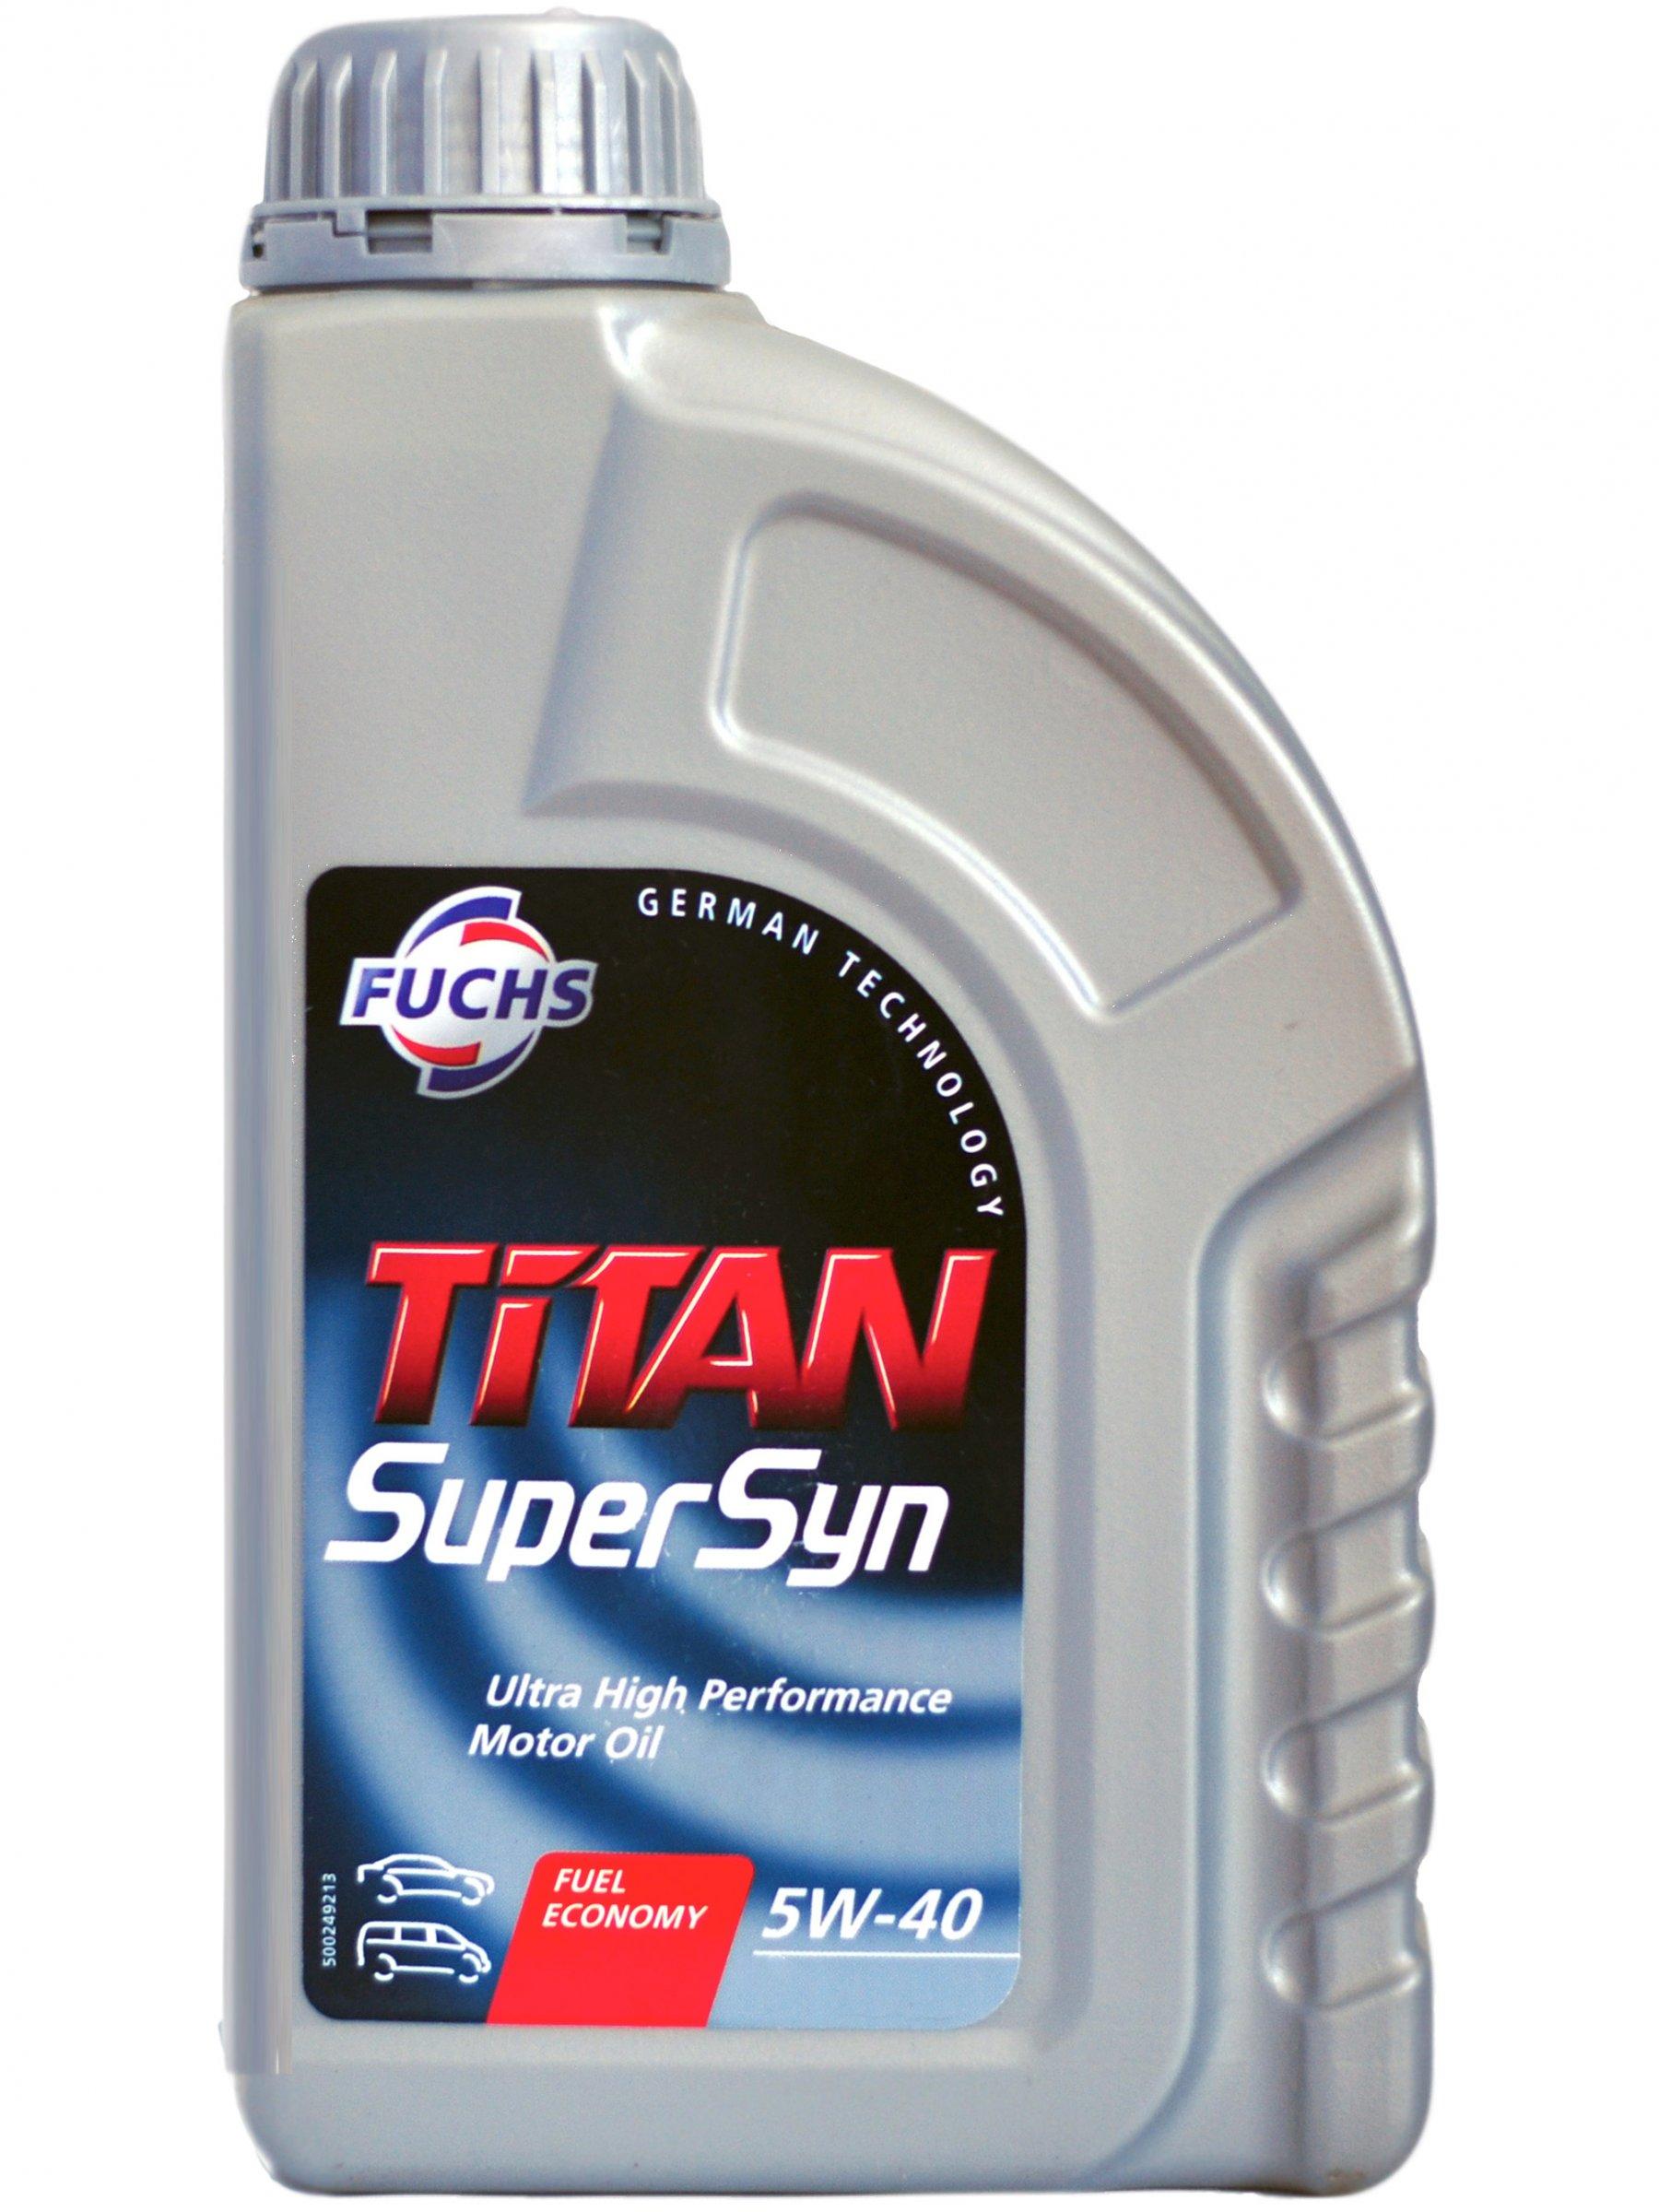 Fuchs Titan SUPERSYN 5w-40